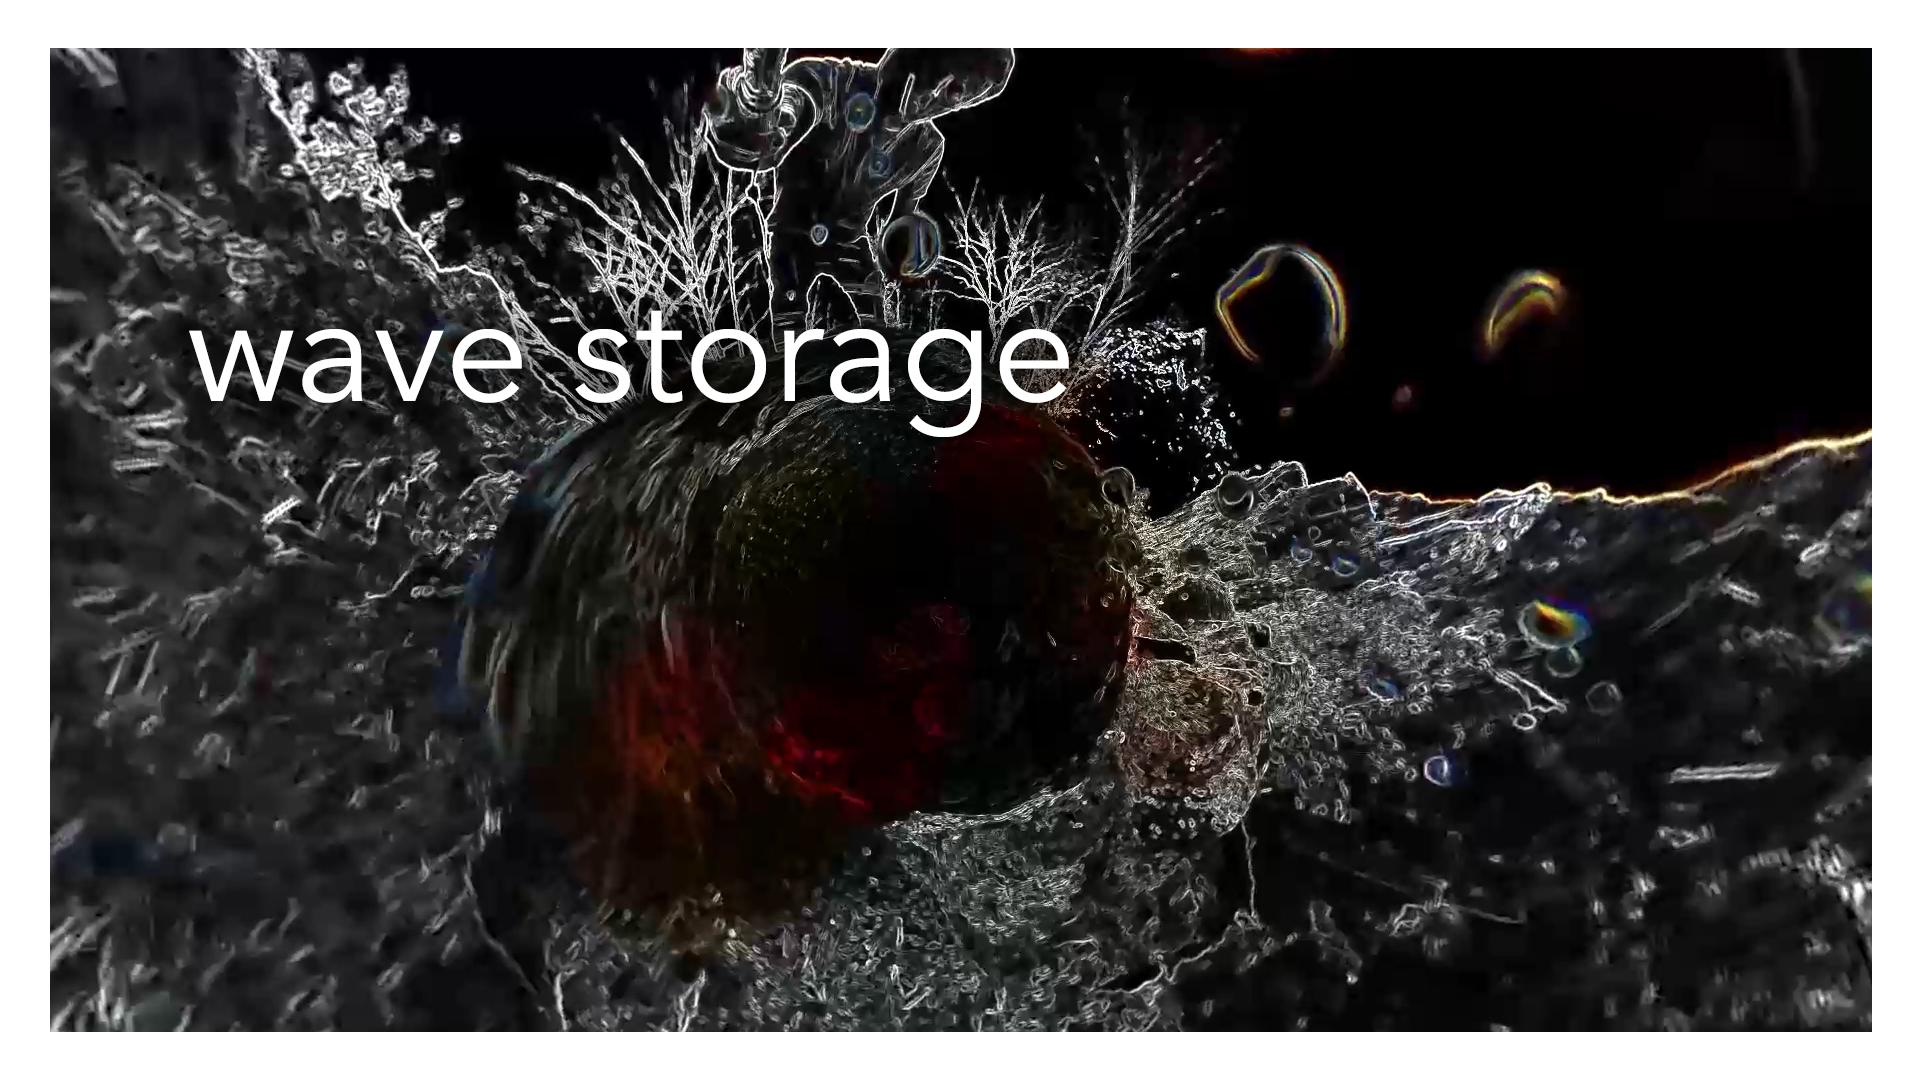 Wave Storage